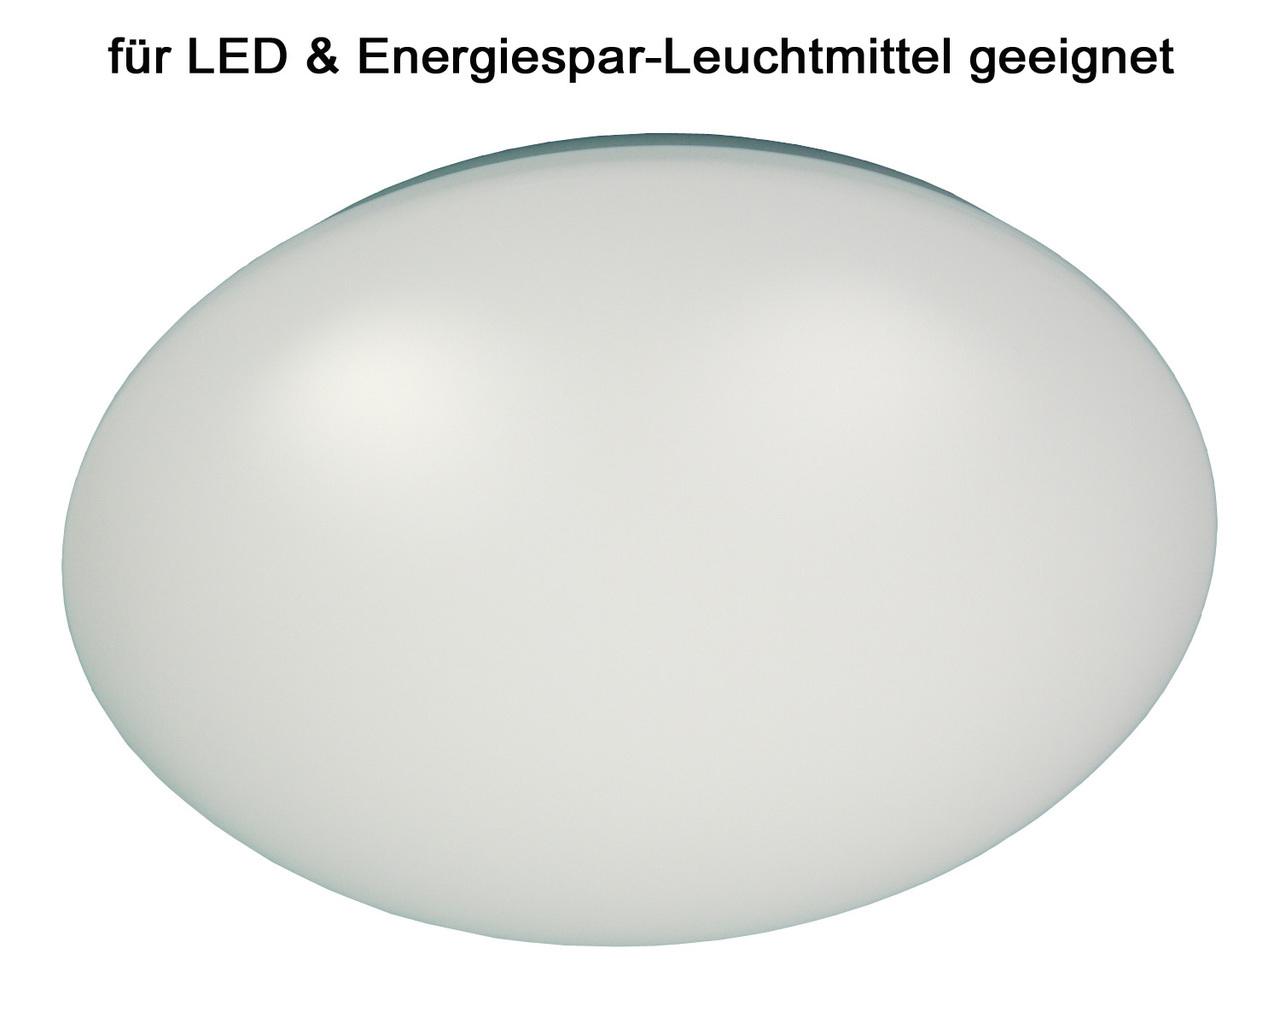 Niermann Kinderleuchte Deckenleuchte Kunststoff PMMA, Weiß, Kunststoff/Metall, 68039